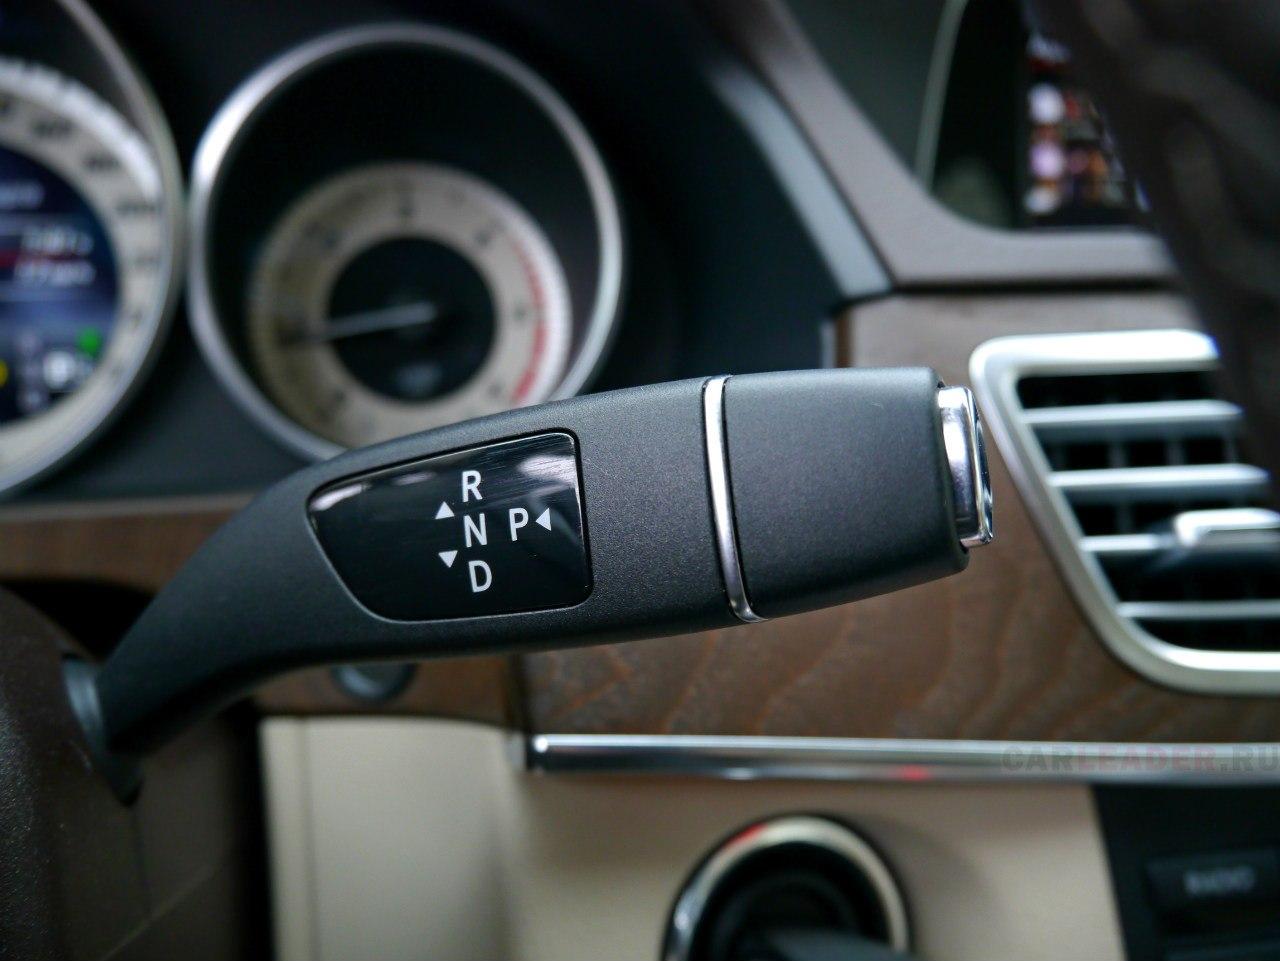 Рукоять автомата Mercedes E 2014 - на рулевой колонке. Решение оригинальное, но спорное. Придется привыкать не путать с дворниками: не нажать на ходу хромированную кнопку и не включить заднюю.